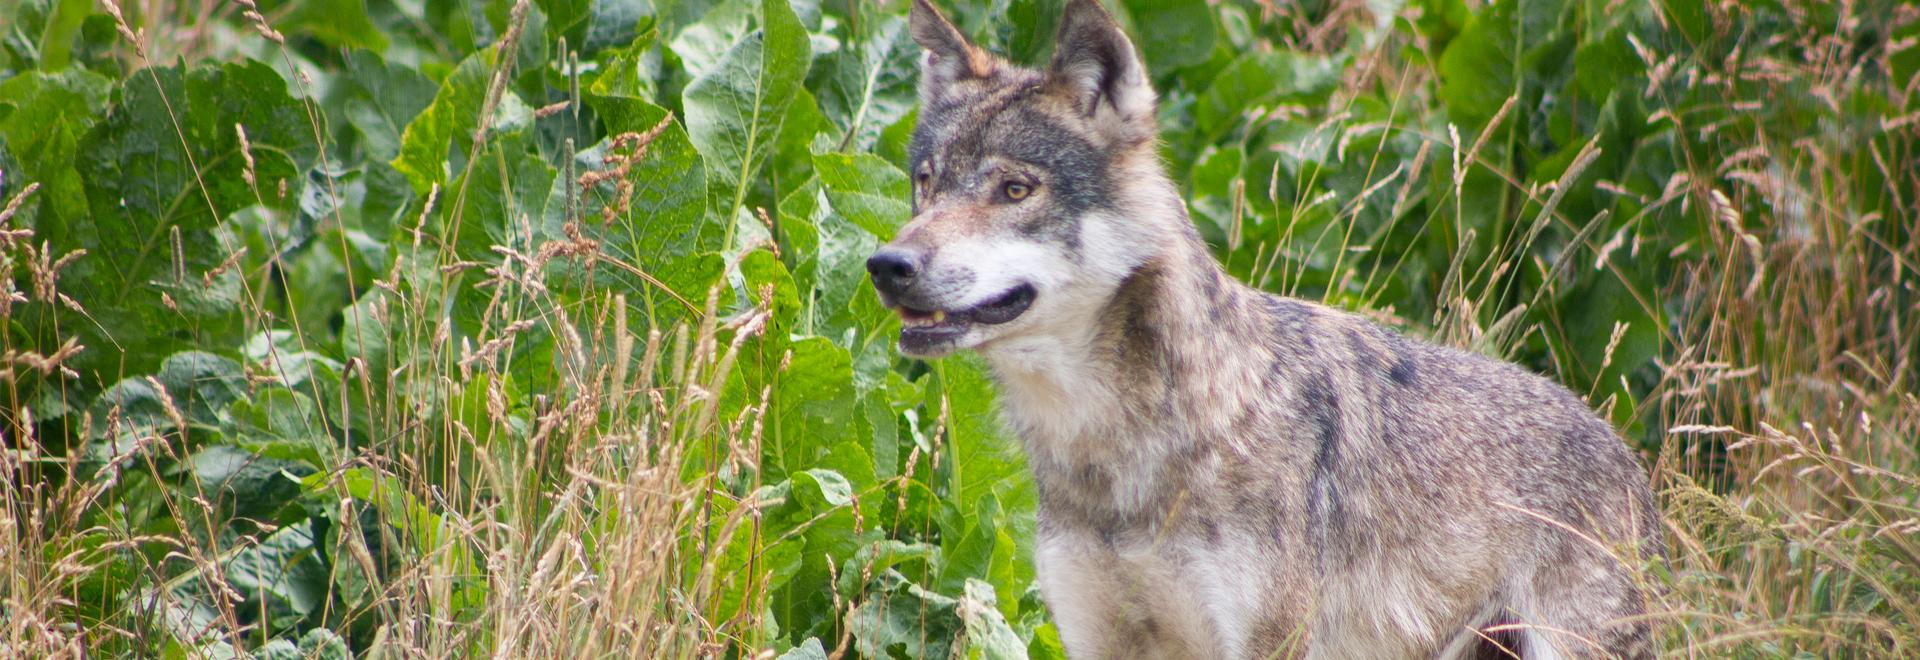 Tierpark Gotha Wolf ©T. Seyfarth